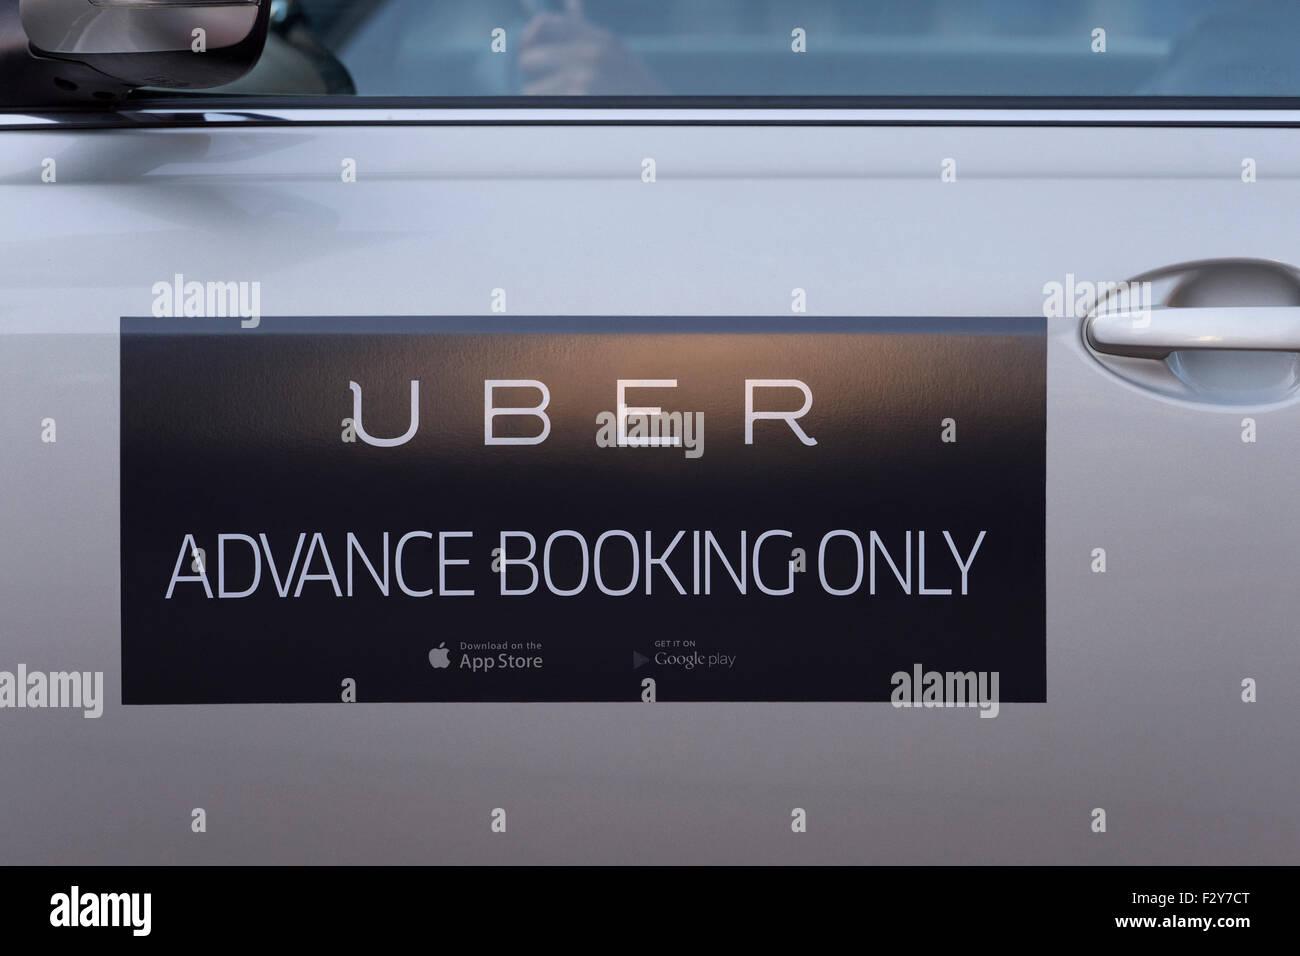 Il logo sul lato di un uber taxi visto nel centro della città di Manchester (solo uso editoriale). Immagini Stock